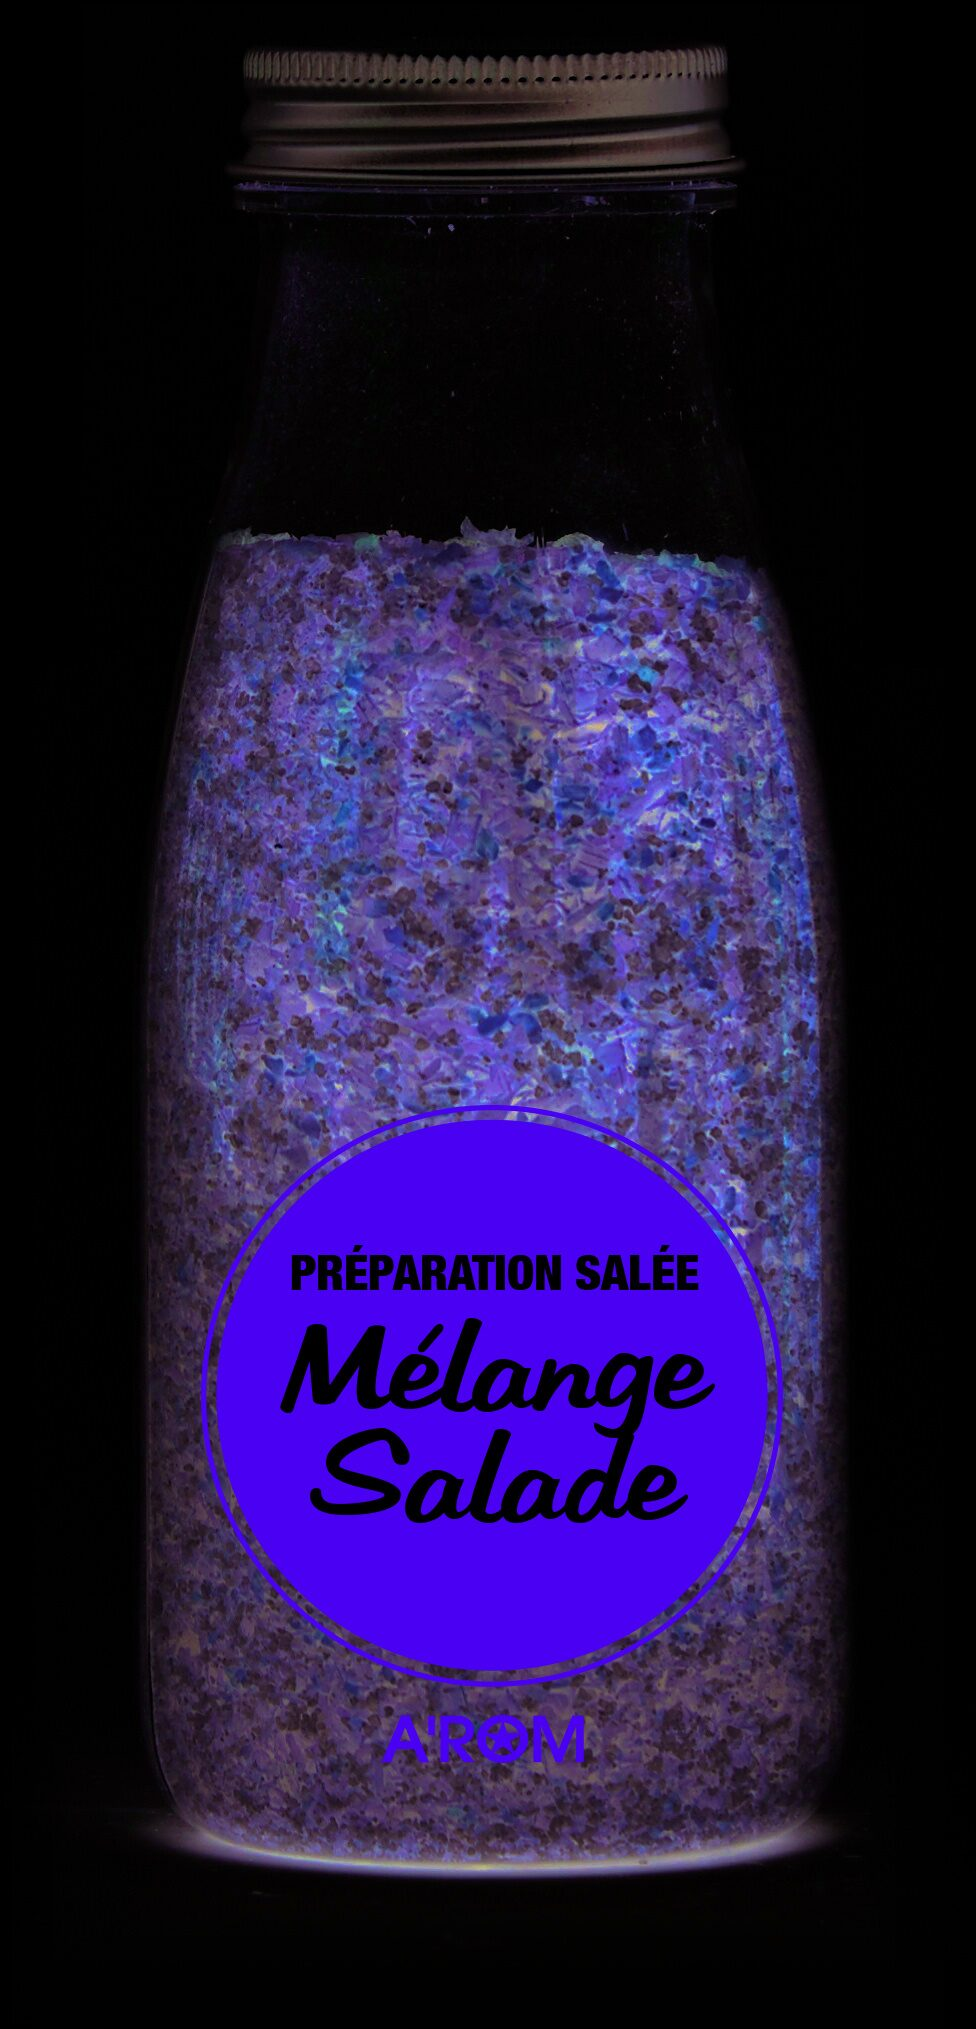 Préparation culinaire de Mélange pour salade - Product - fr